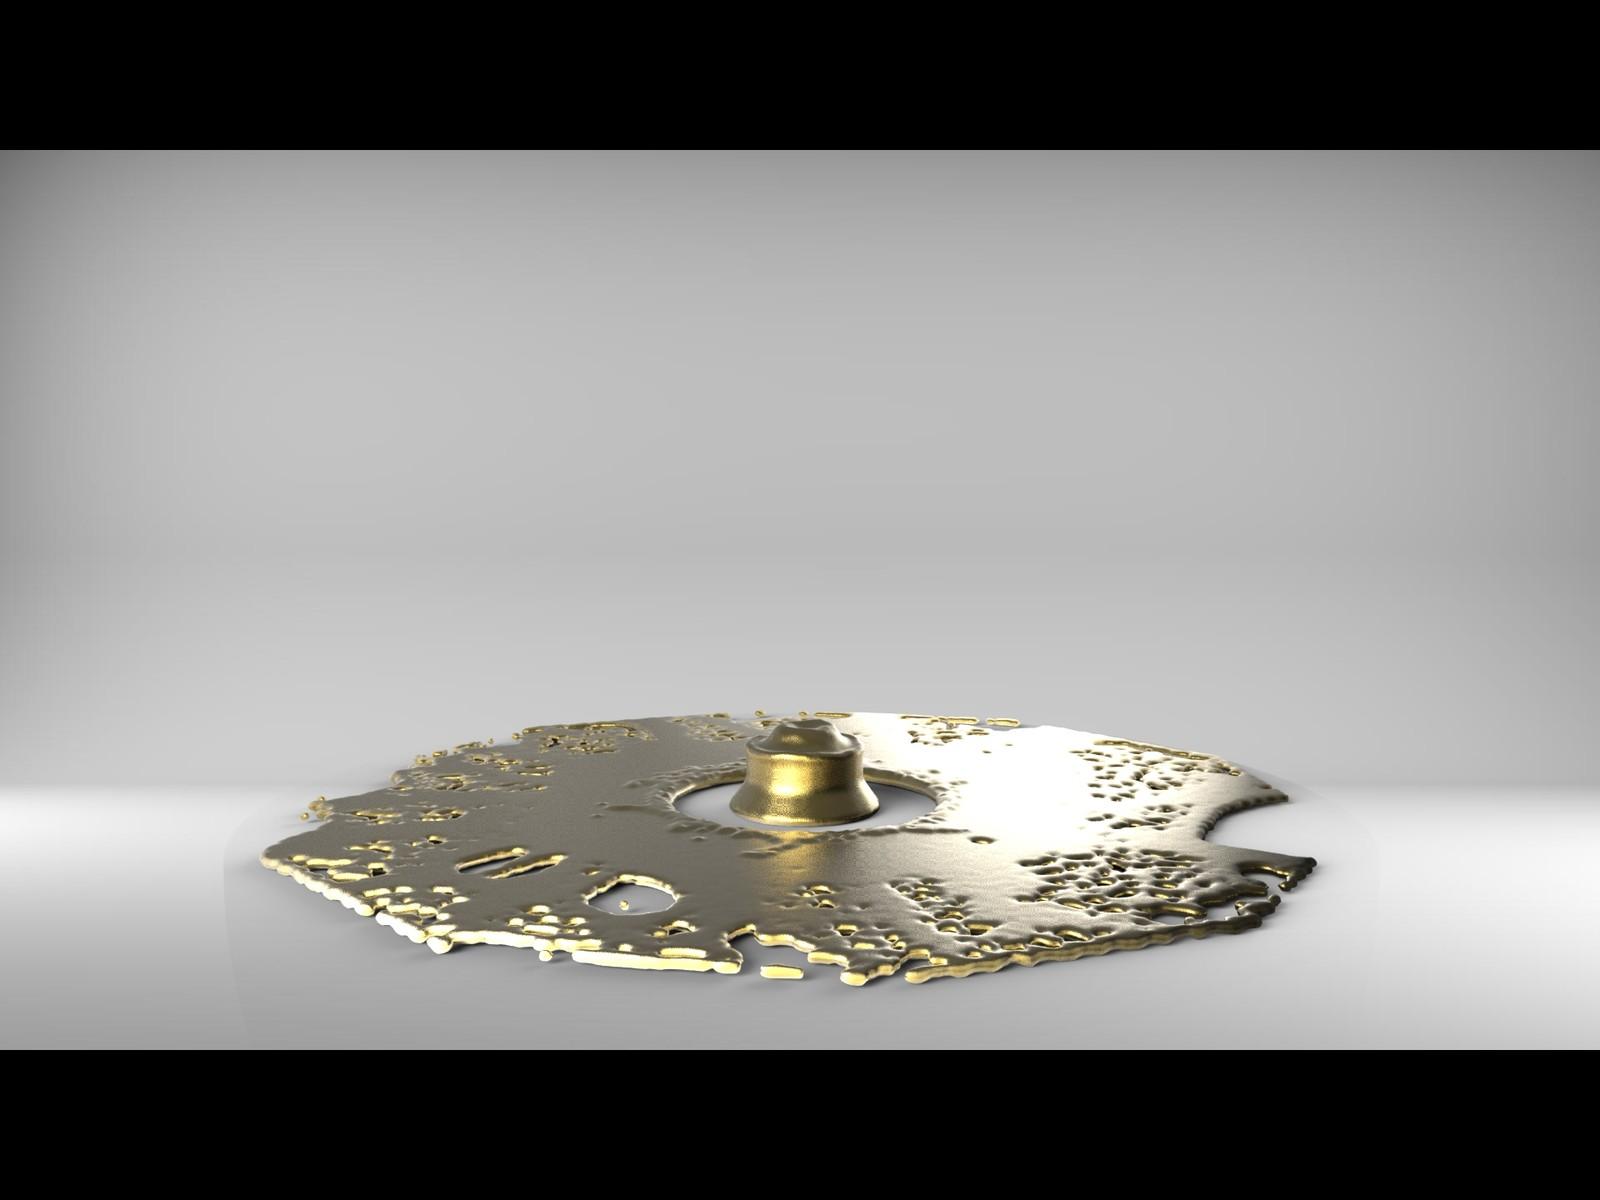 Gold Torus 2K  by hugo matilde